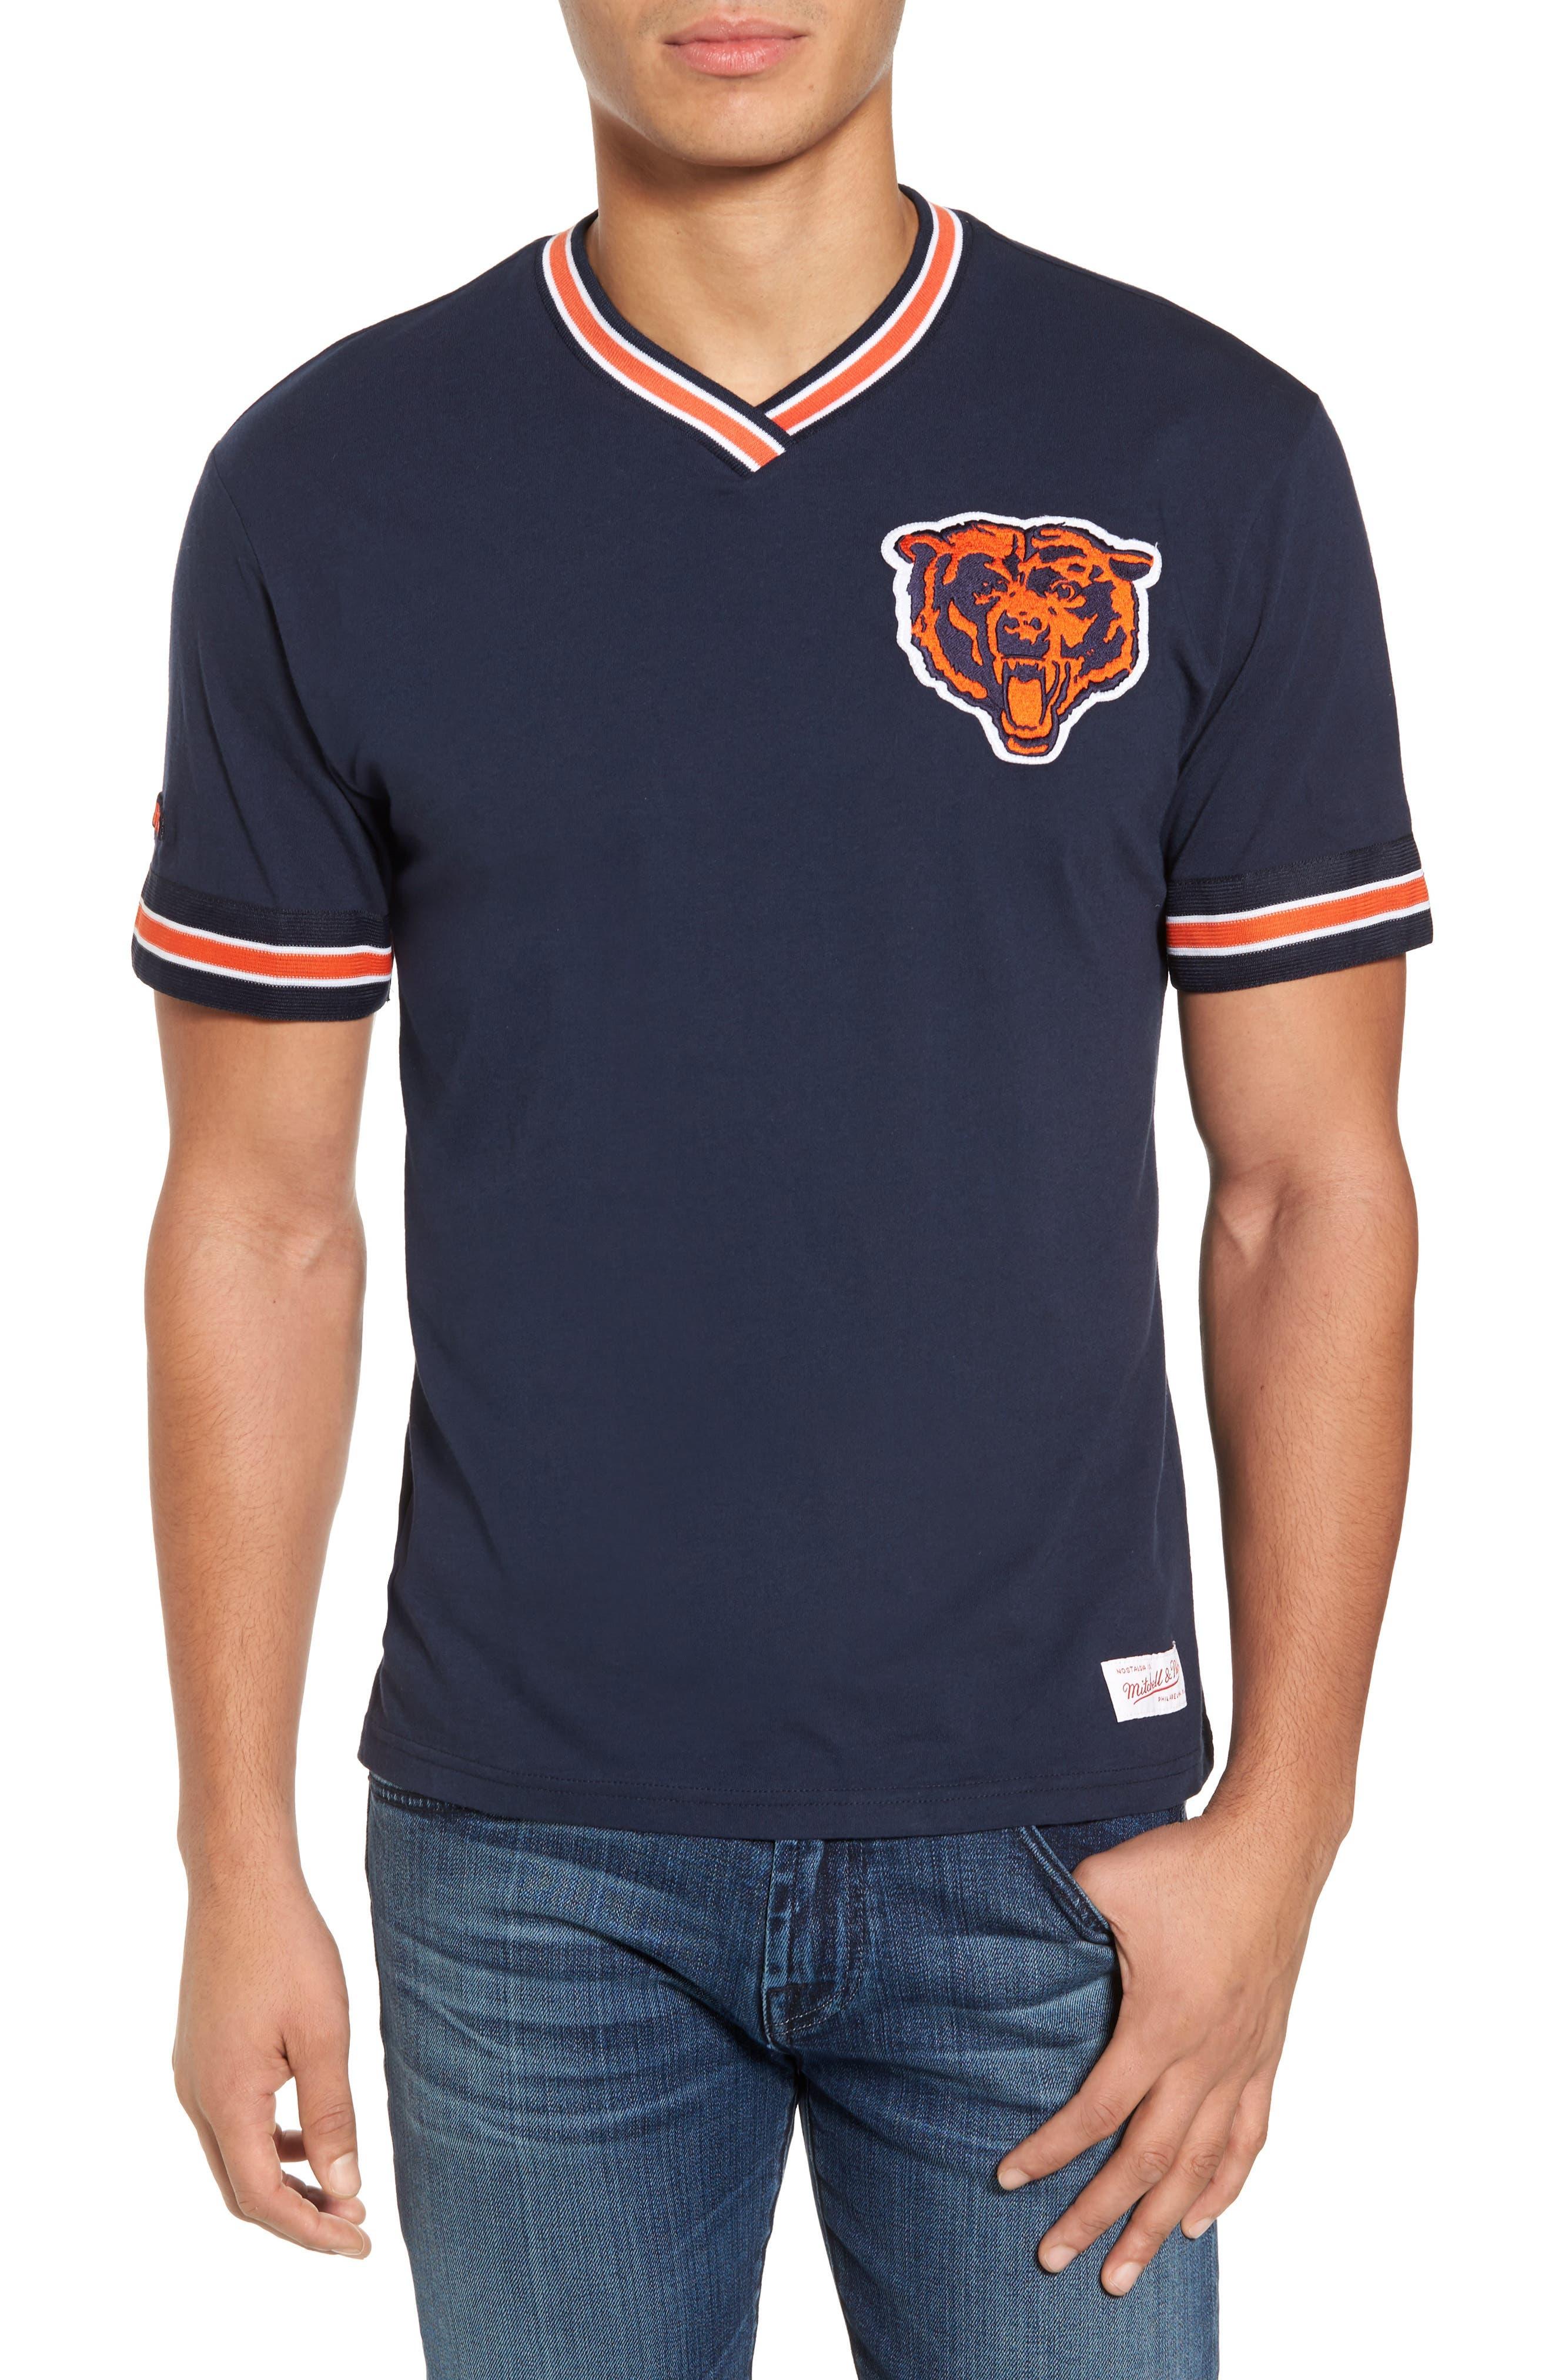 Mitchell & Ness NFL Bears T-Shirt